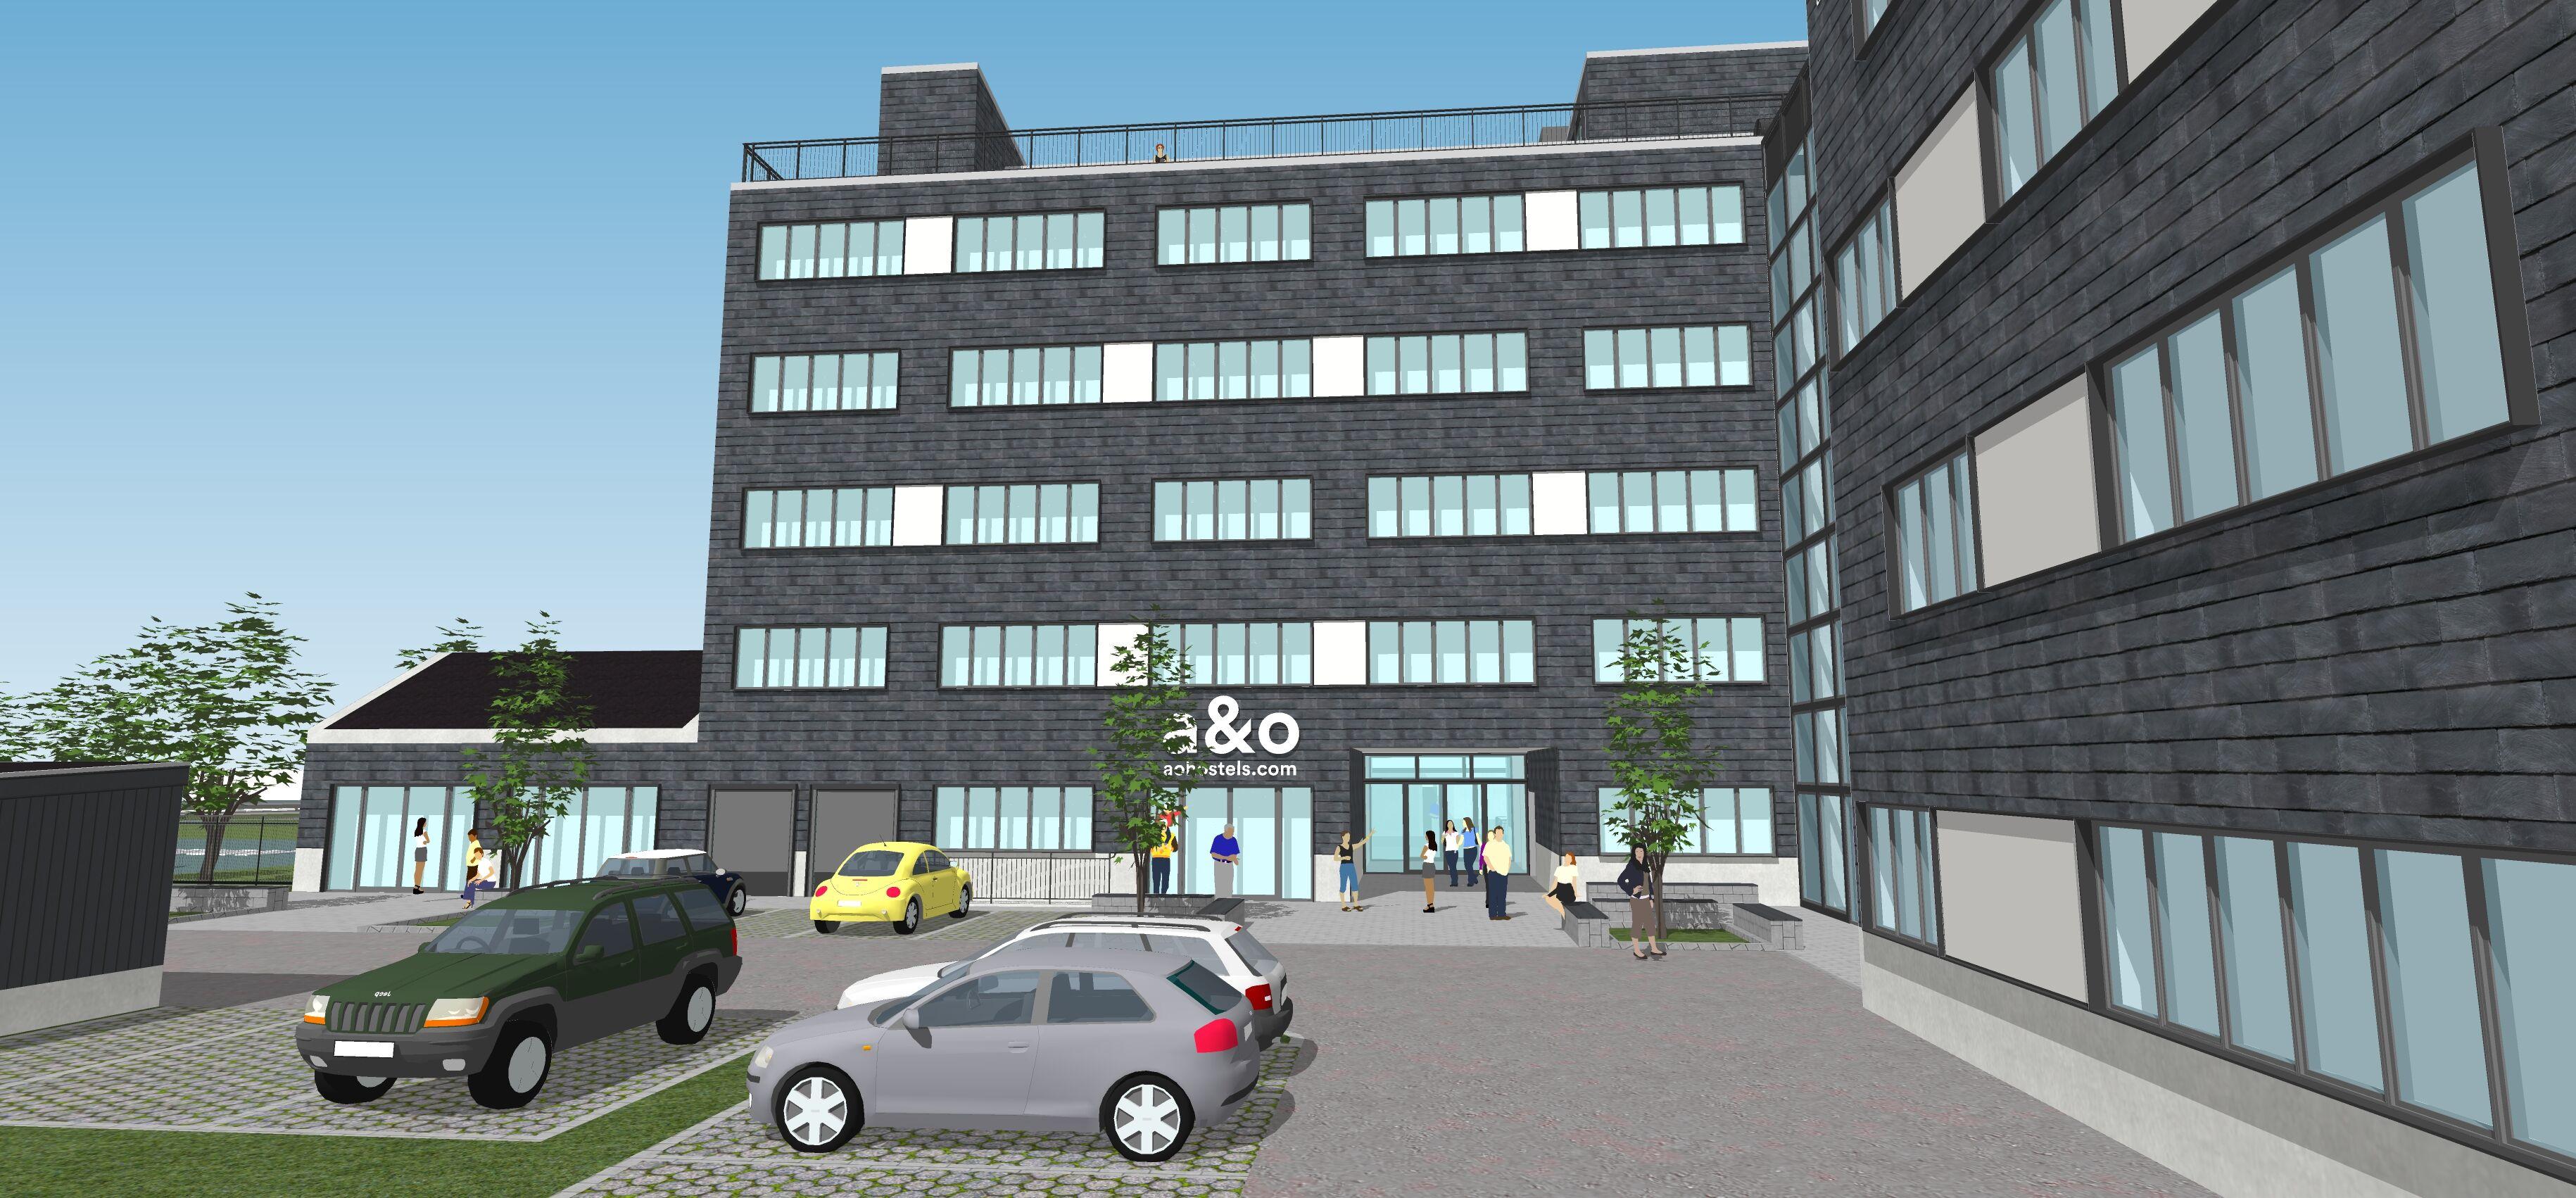 Københavns næste A&O Hostel åbner i sydhavnskvarteret og vil give 25-30 deltidsstillinger i blandt andet receptionen og køkkenet. Mange ansatte hos A&O er studerende, der er ikke krav om, at de taler flydende dansk.